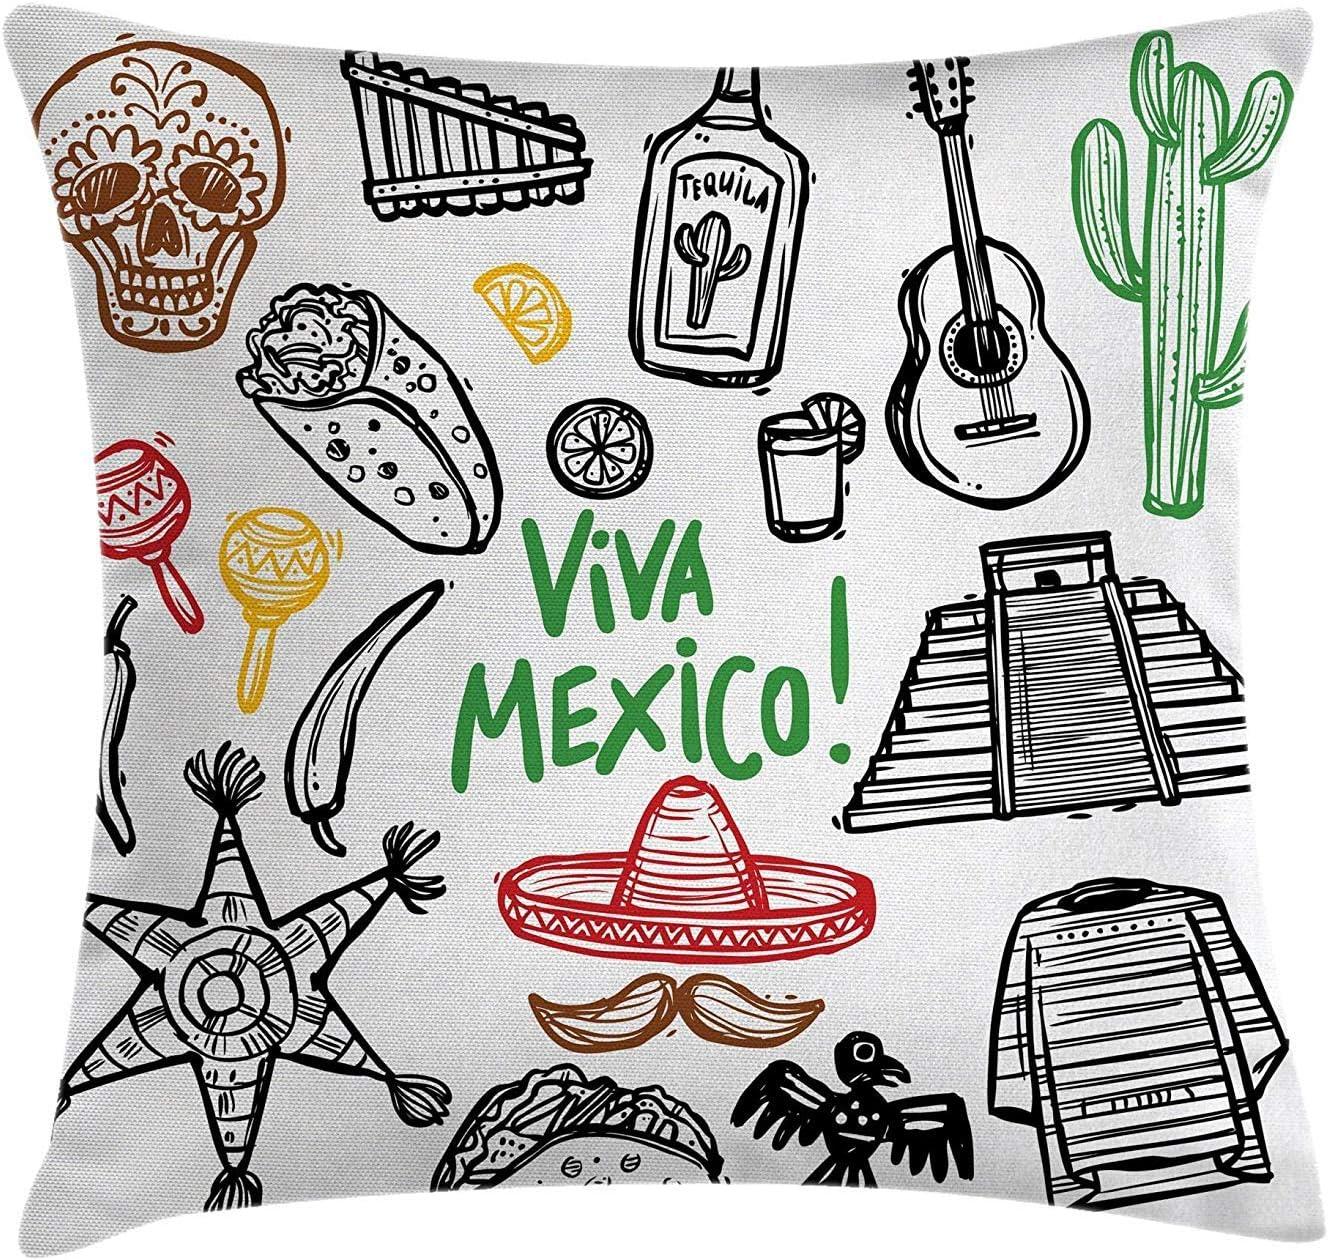 Kinhevao Cojines Decorativos Mexicanos, boceto de Objetos Latinos con Guitarra de Burritos, Botella de Tequila, piñata, Quetzal Coati, Almohada Decorativa Cuadrada